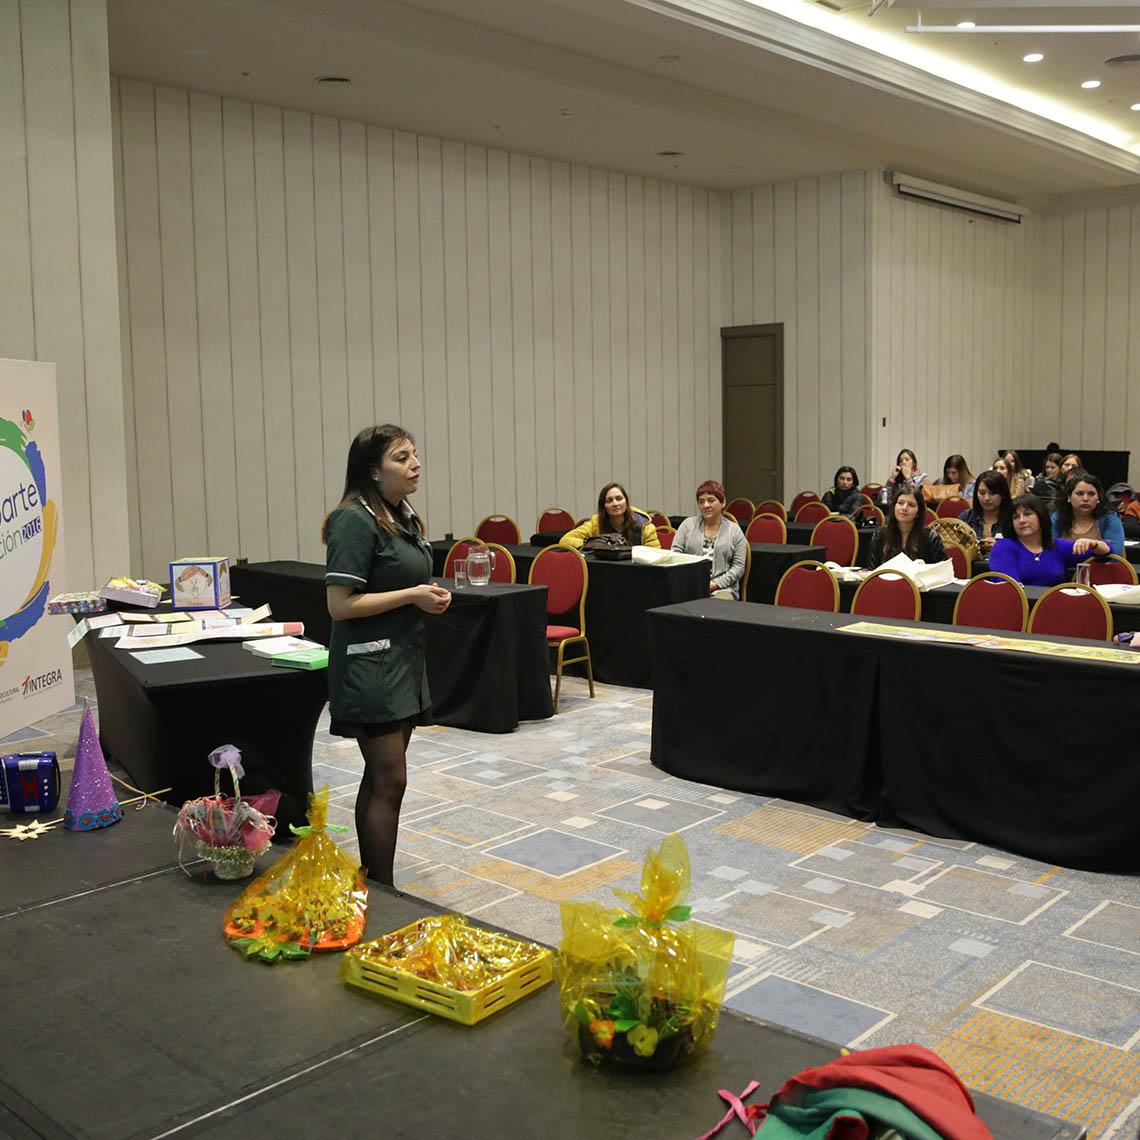 Autoridad de Integra realiza discurso en el inicio del proyecto Comparte Educación 2016